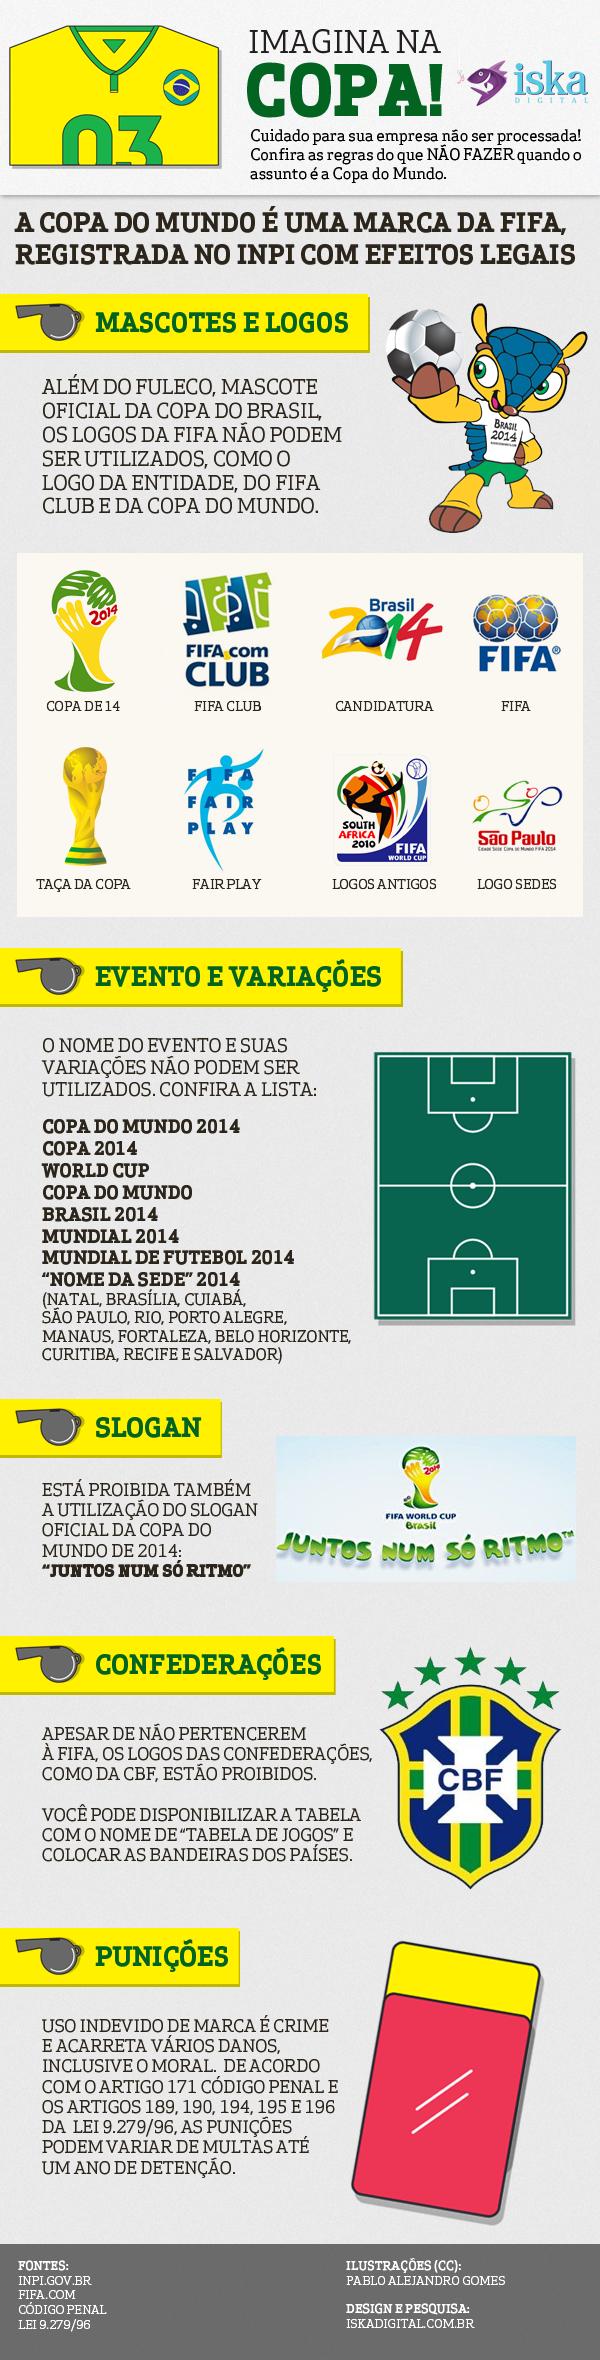 Infográfico o que sua marca não pode usar durante a Copa do Mundo